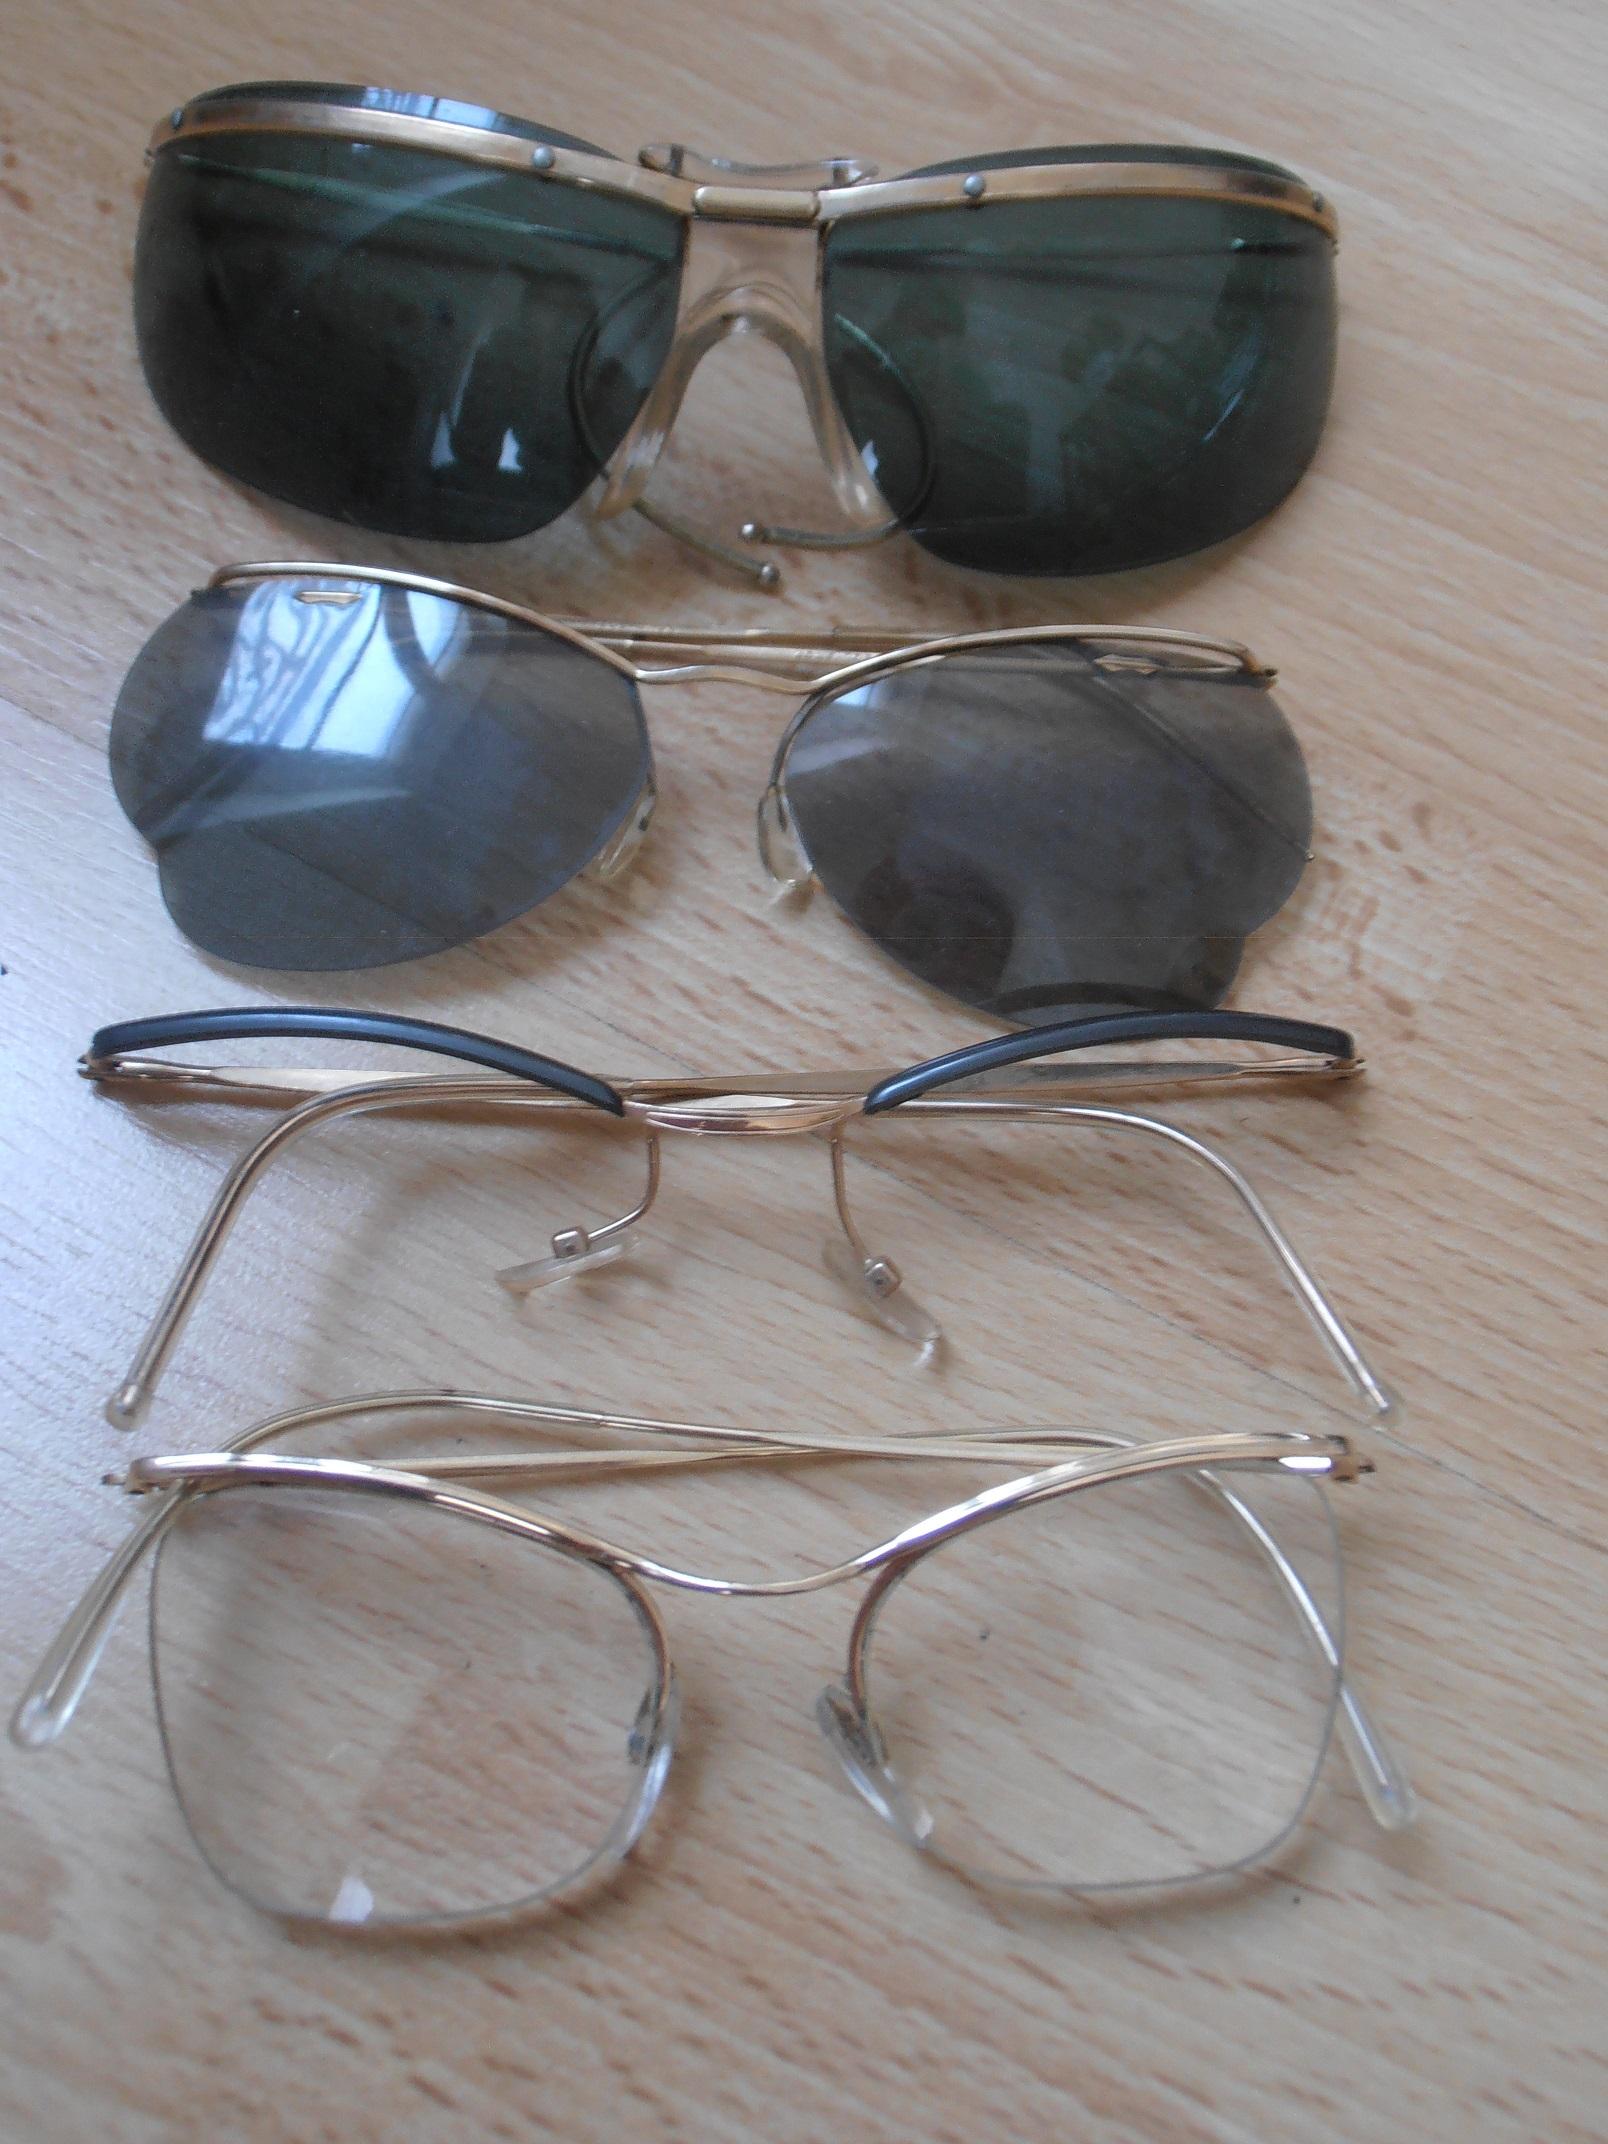 je rechercher des lunettes , monture lunettes en plaque or vintage comme    amor , nylor , . e321dbd8f94c